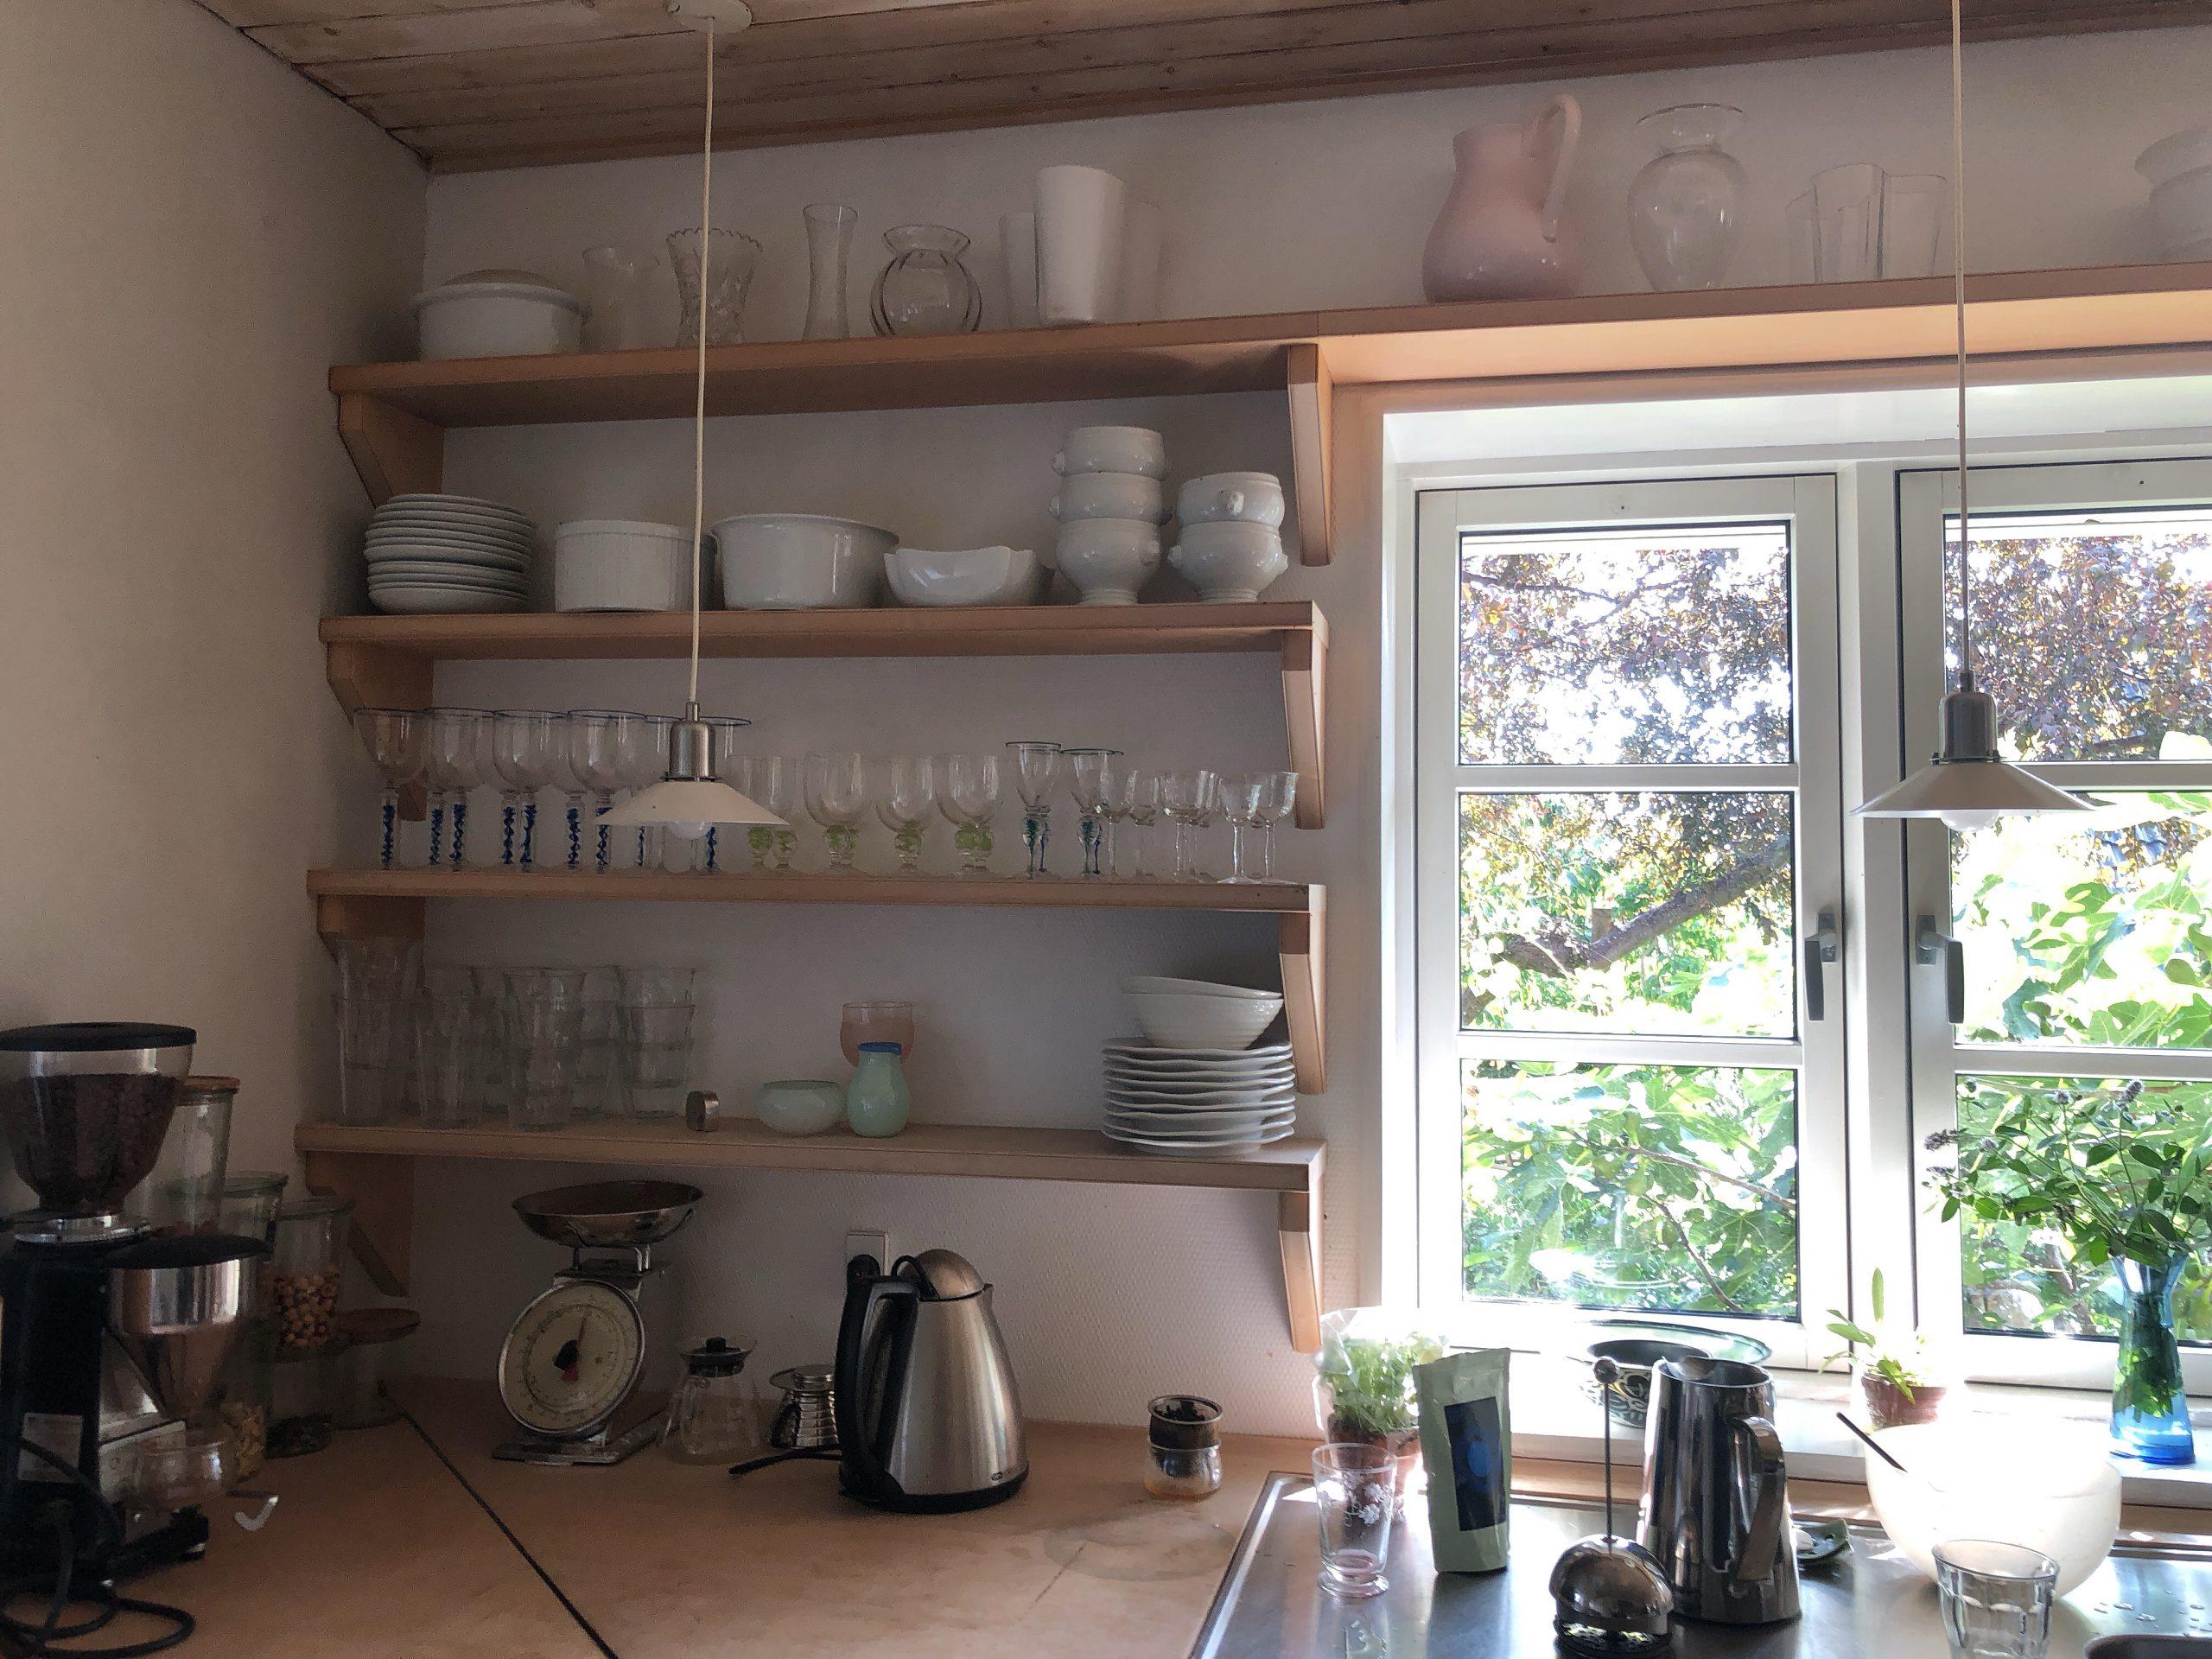 【オンライン】デンマークの田舎暮らし体験ツアー